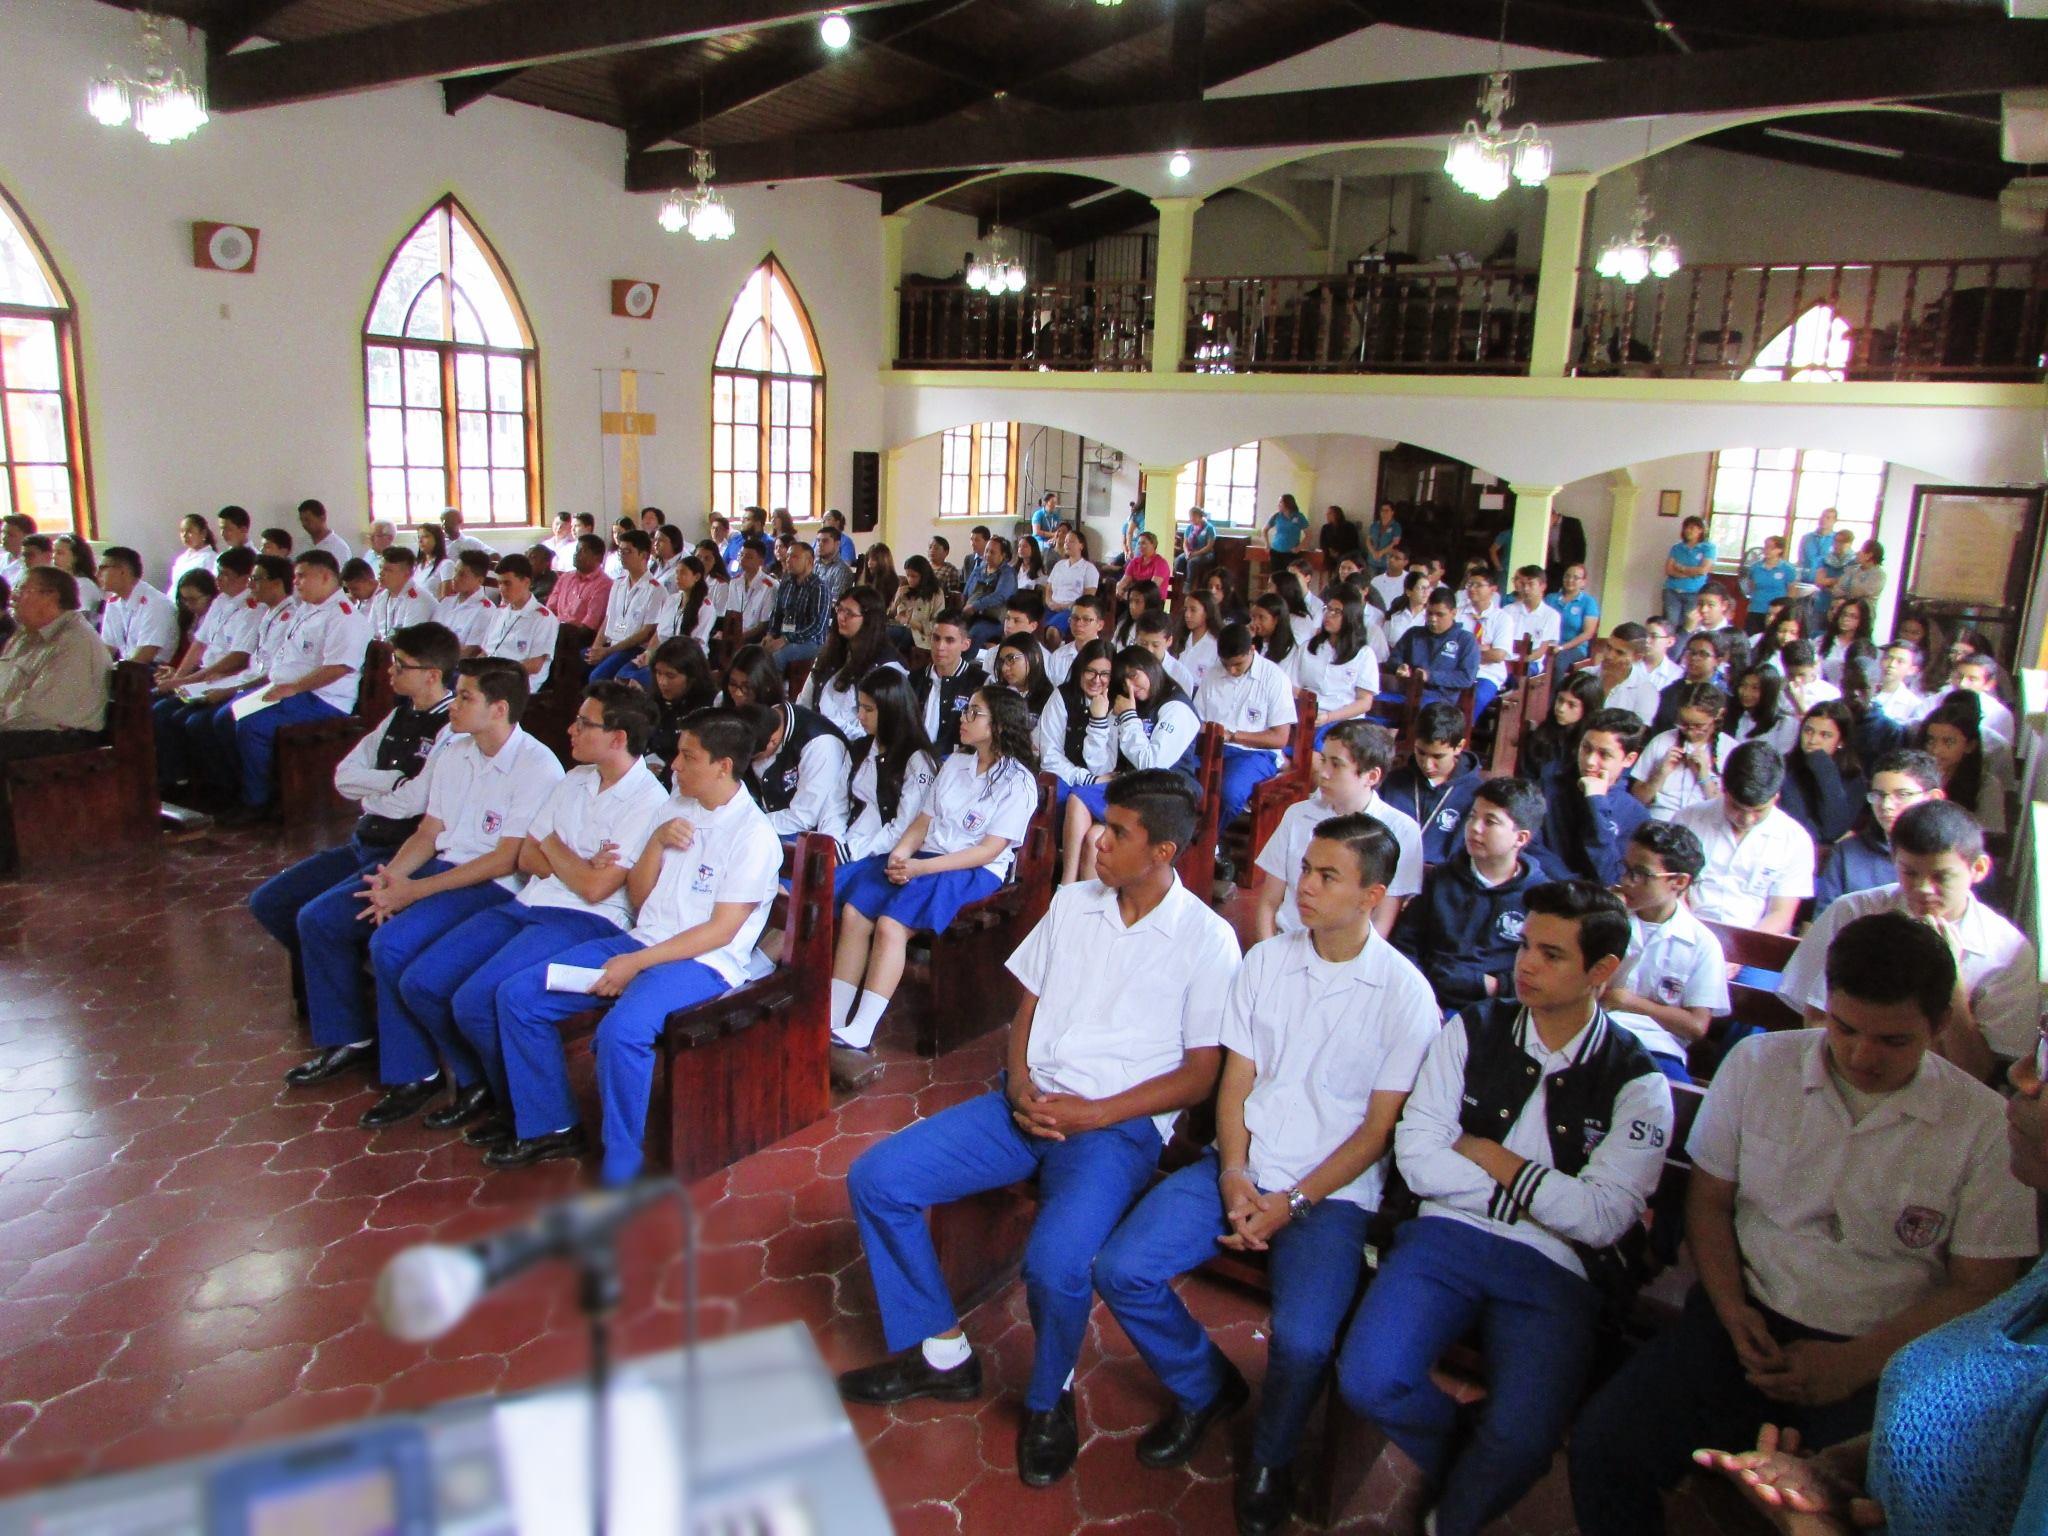 NUESTRA VISIÓN - Saint Mary's Episcopal School logrará proveer a cada estudiante una excelente educación integral e interactiva, que le ayude a enriquecer su creatividad con capacidad crítica, empoderándolo a afrontar su futuro de una forma responsable.